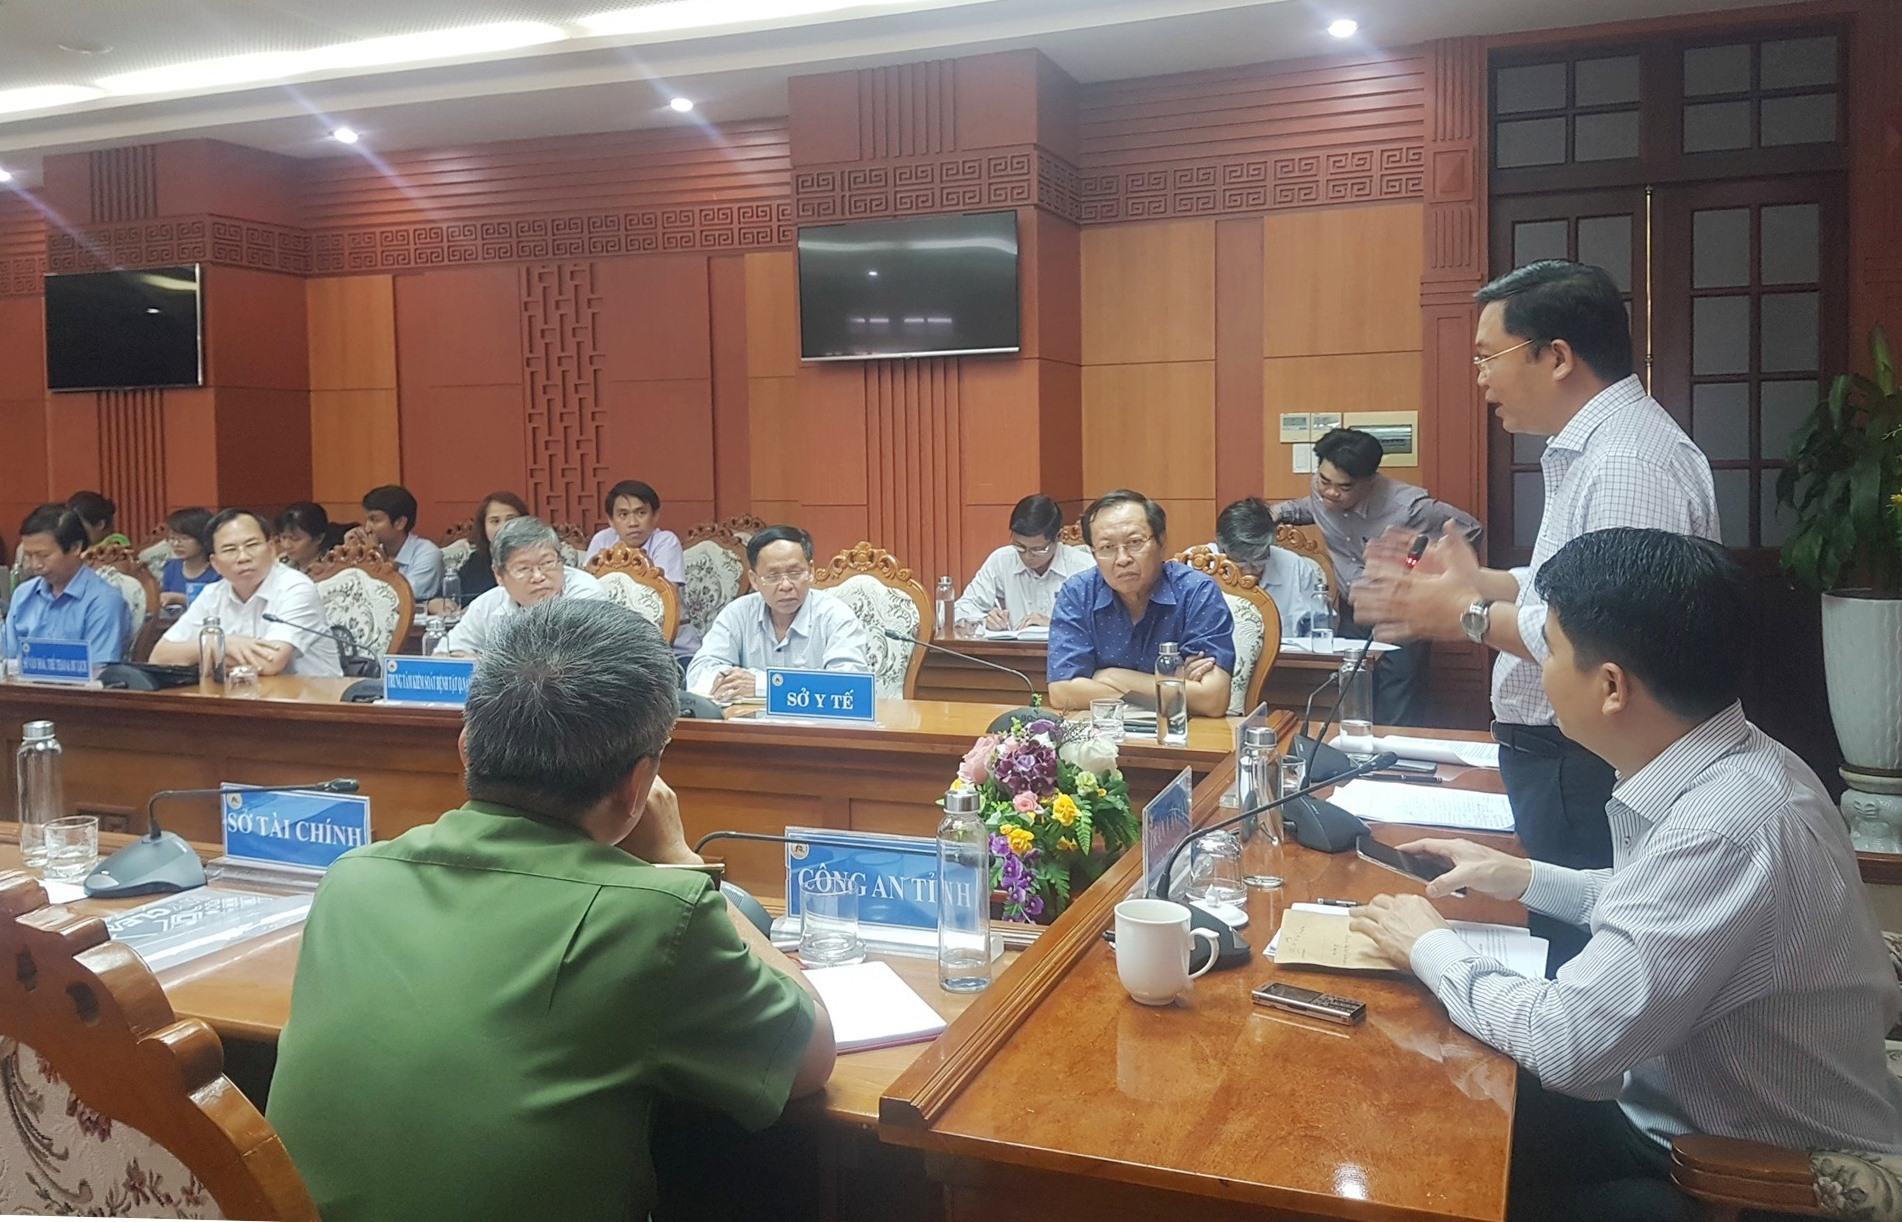 Chủ tịch UBND tỉnh Lê Trí Thanh yêu cầu thực hiện hàng loạt các biện pháp ứng phó dịch bệnh Covid-19. Ảnh: D.L